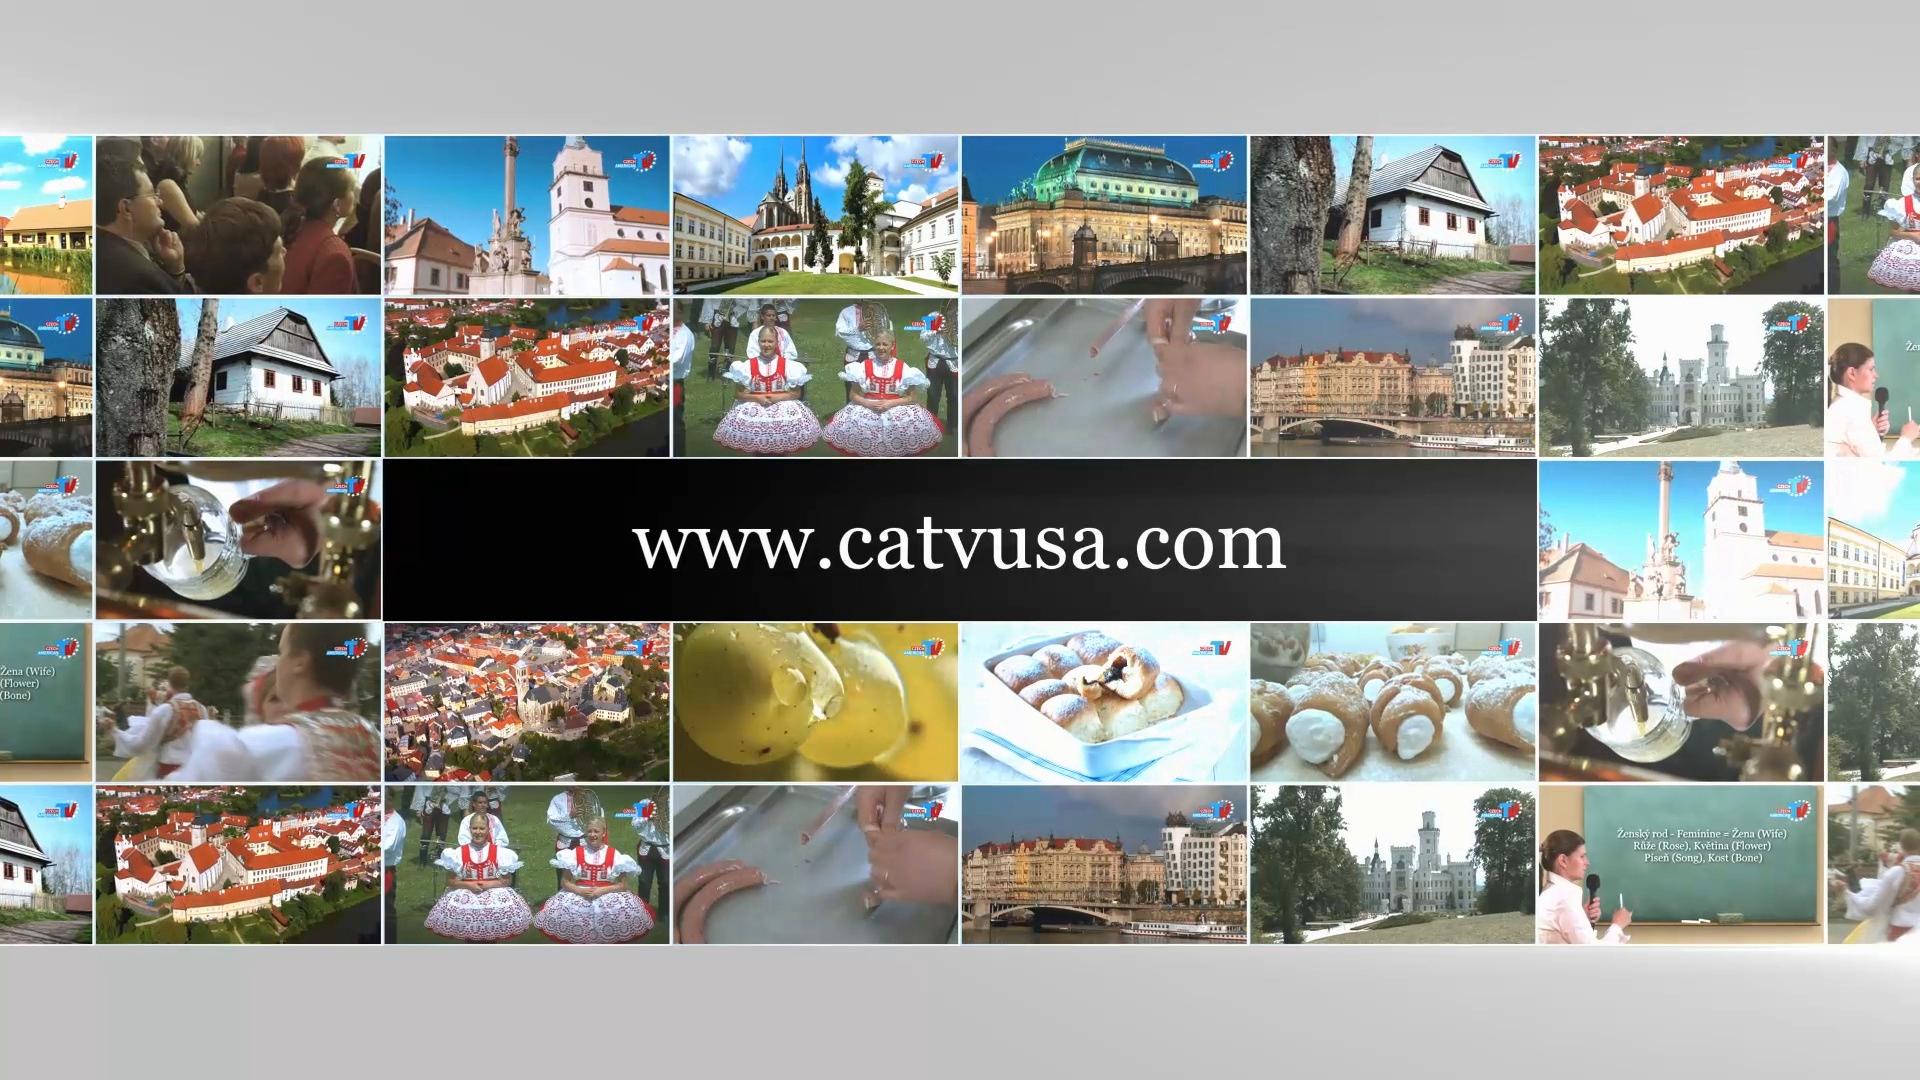 catvusa.com